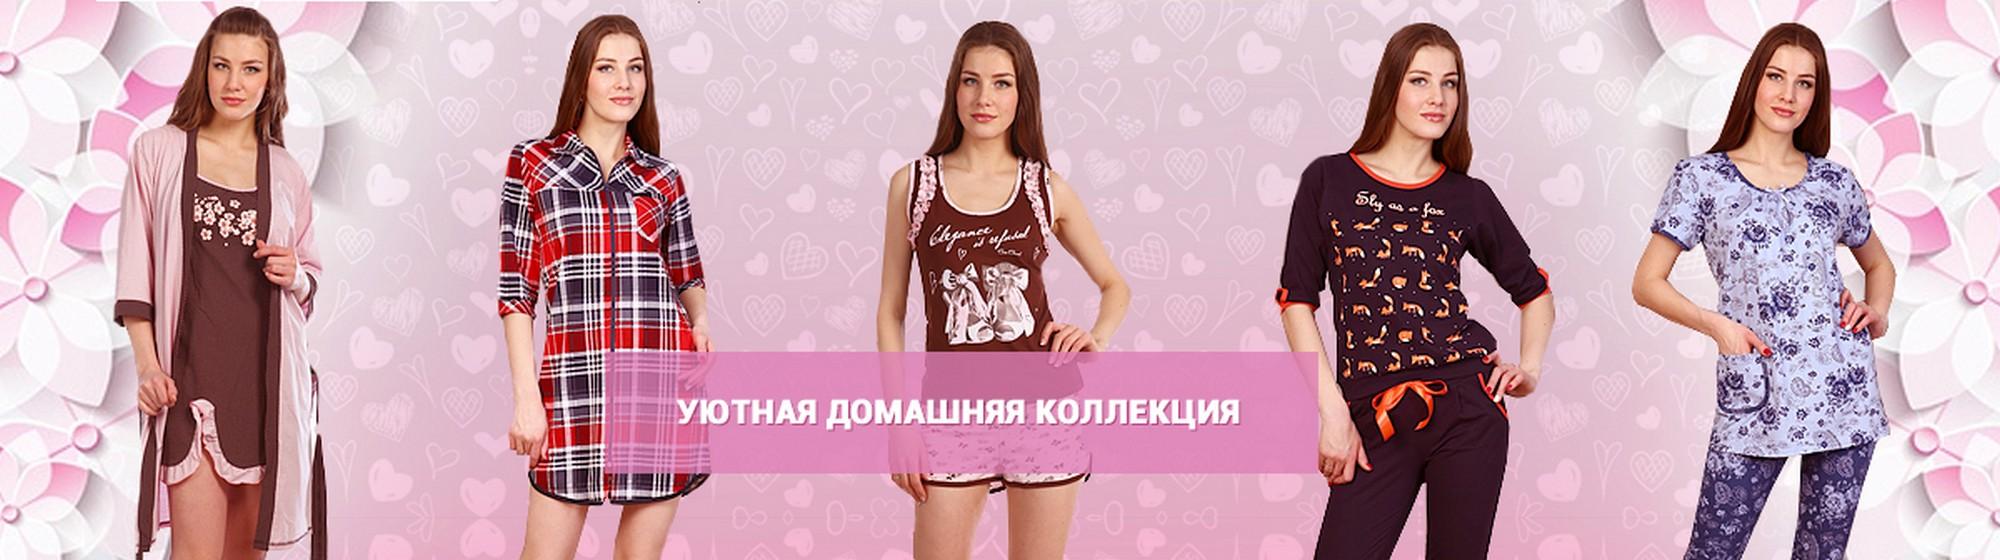 Костюм спортивный женский 2019 Модный магазин спортивных